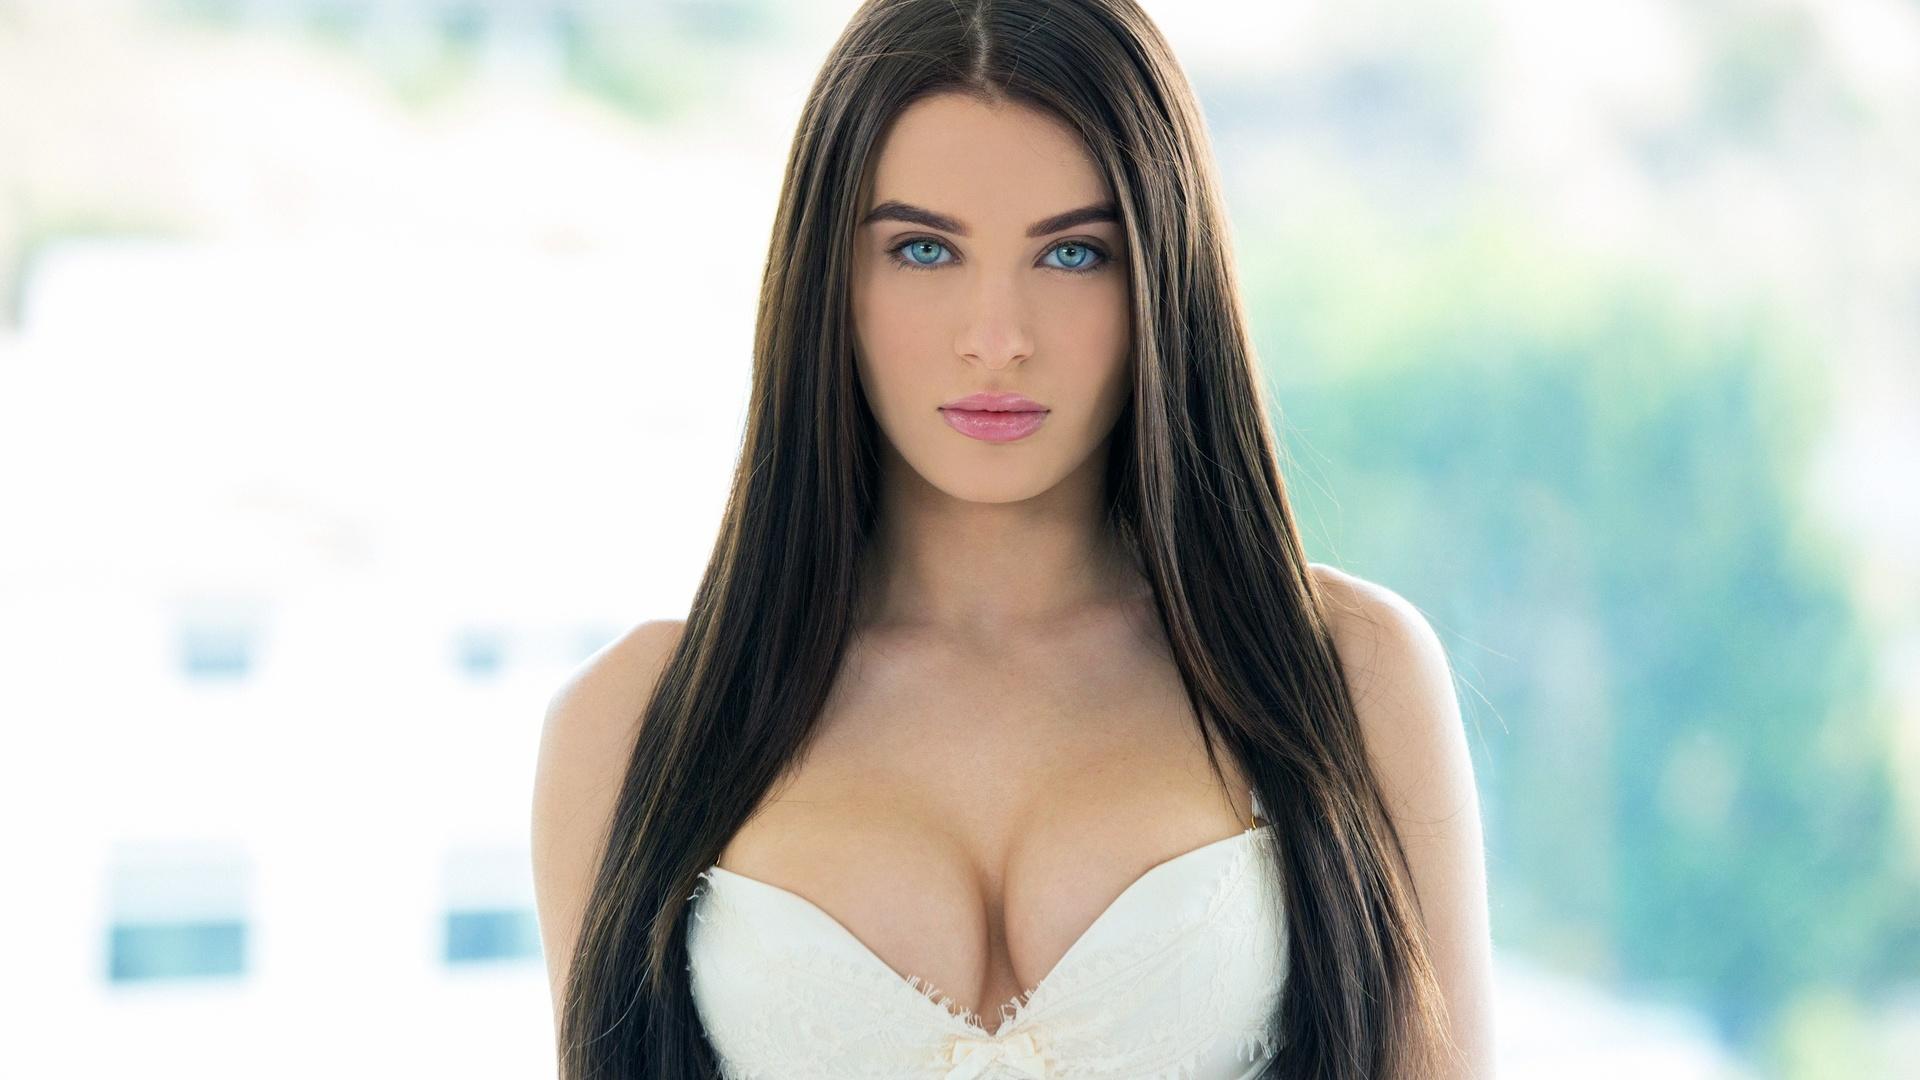 Топ 10 красивых порнозвёзд, 10 самых красивых порноактрис - фото 1 фотография